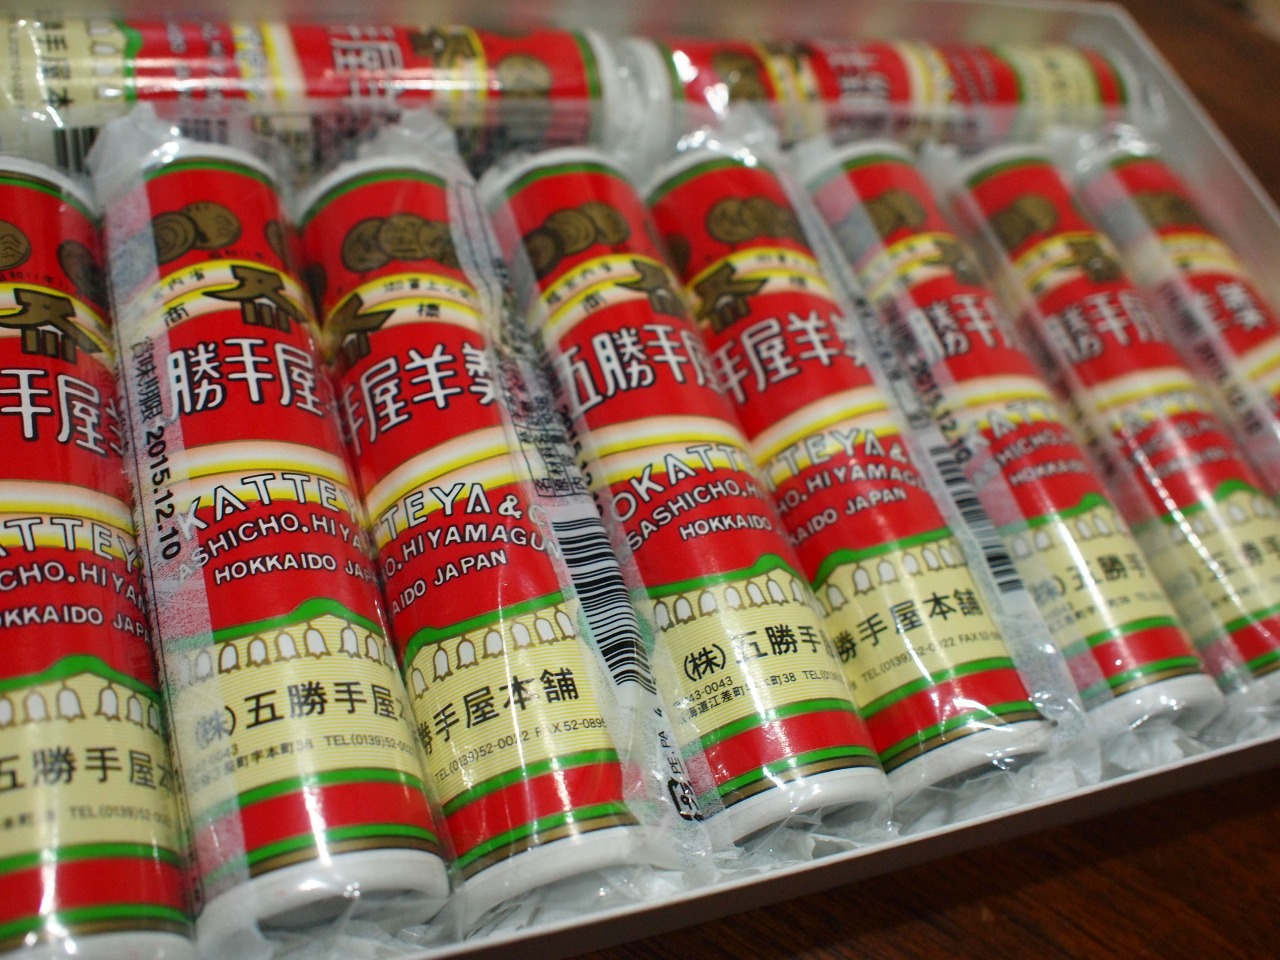 ~プチ記事~北海道には隠れたお土産がたくさん。少し変わったスイーツには五勝手屋羊羹をオススメ。